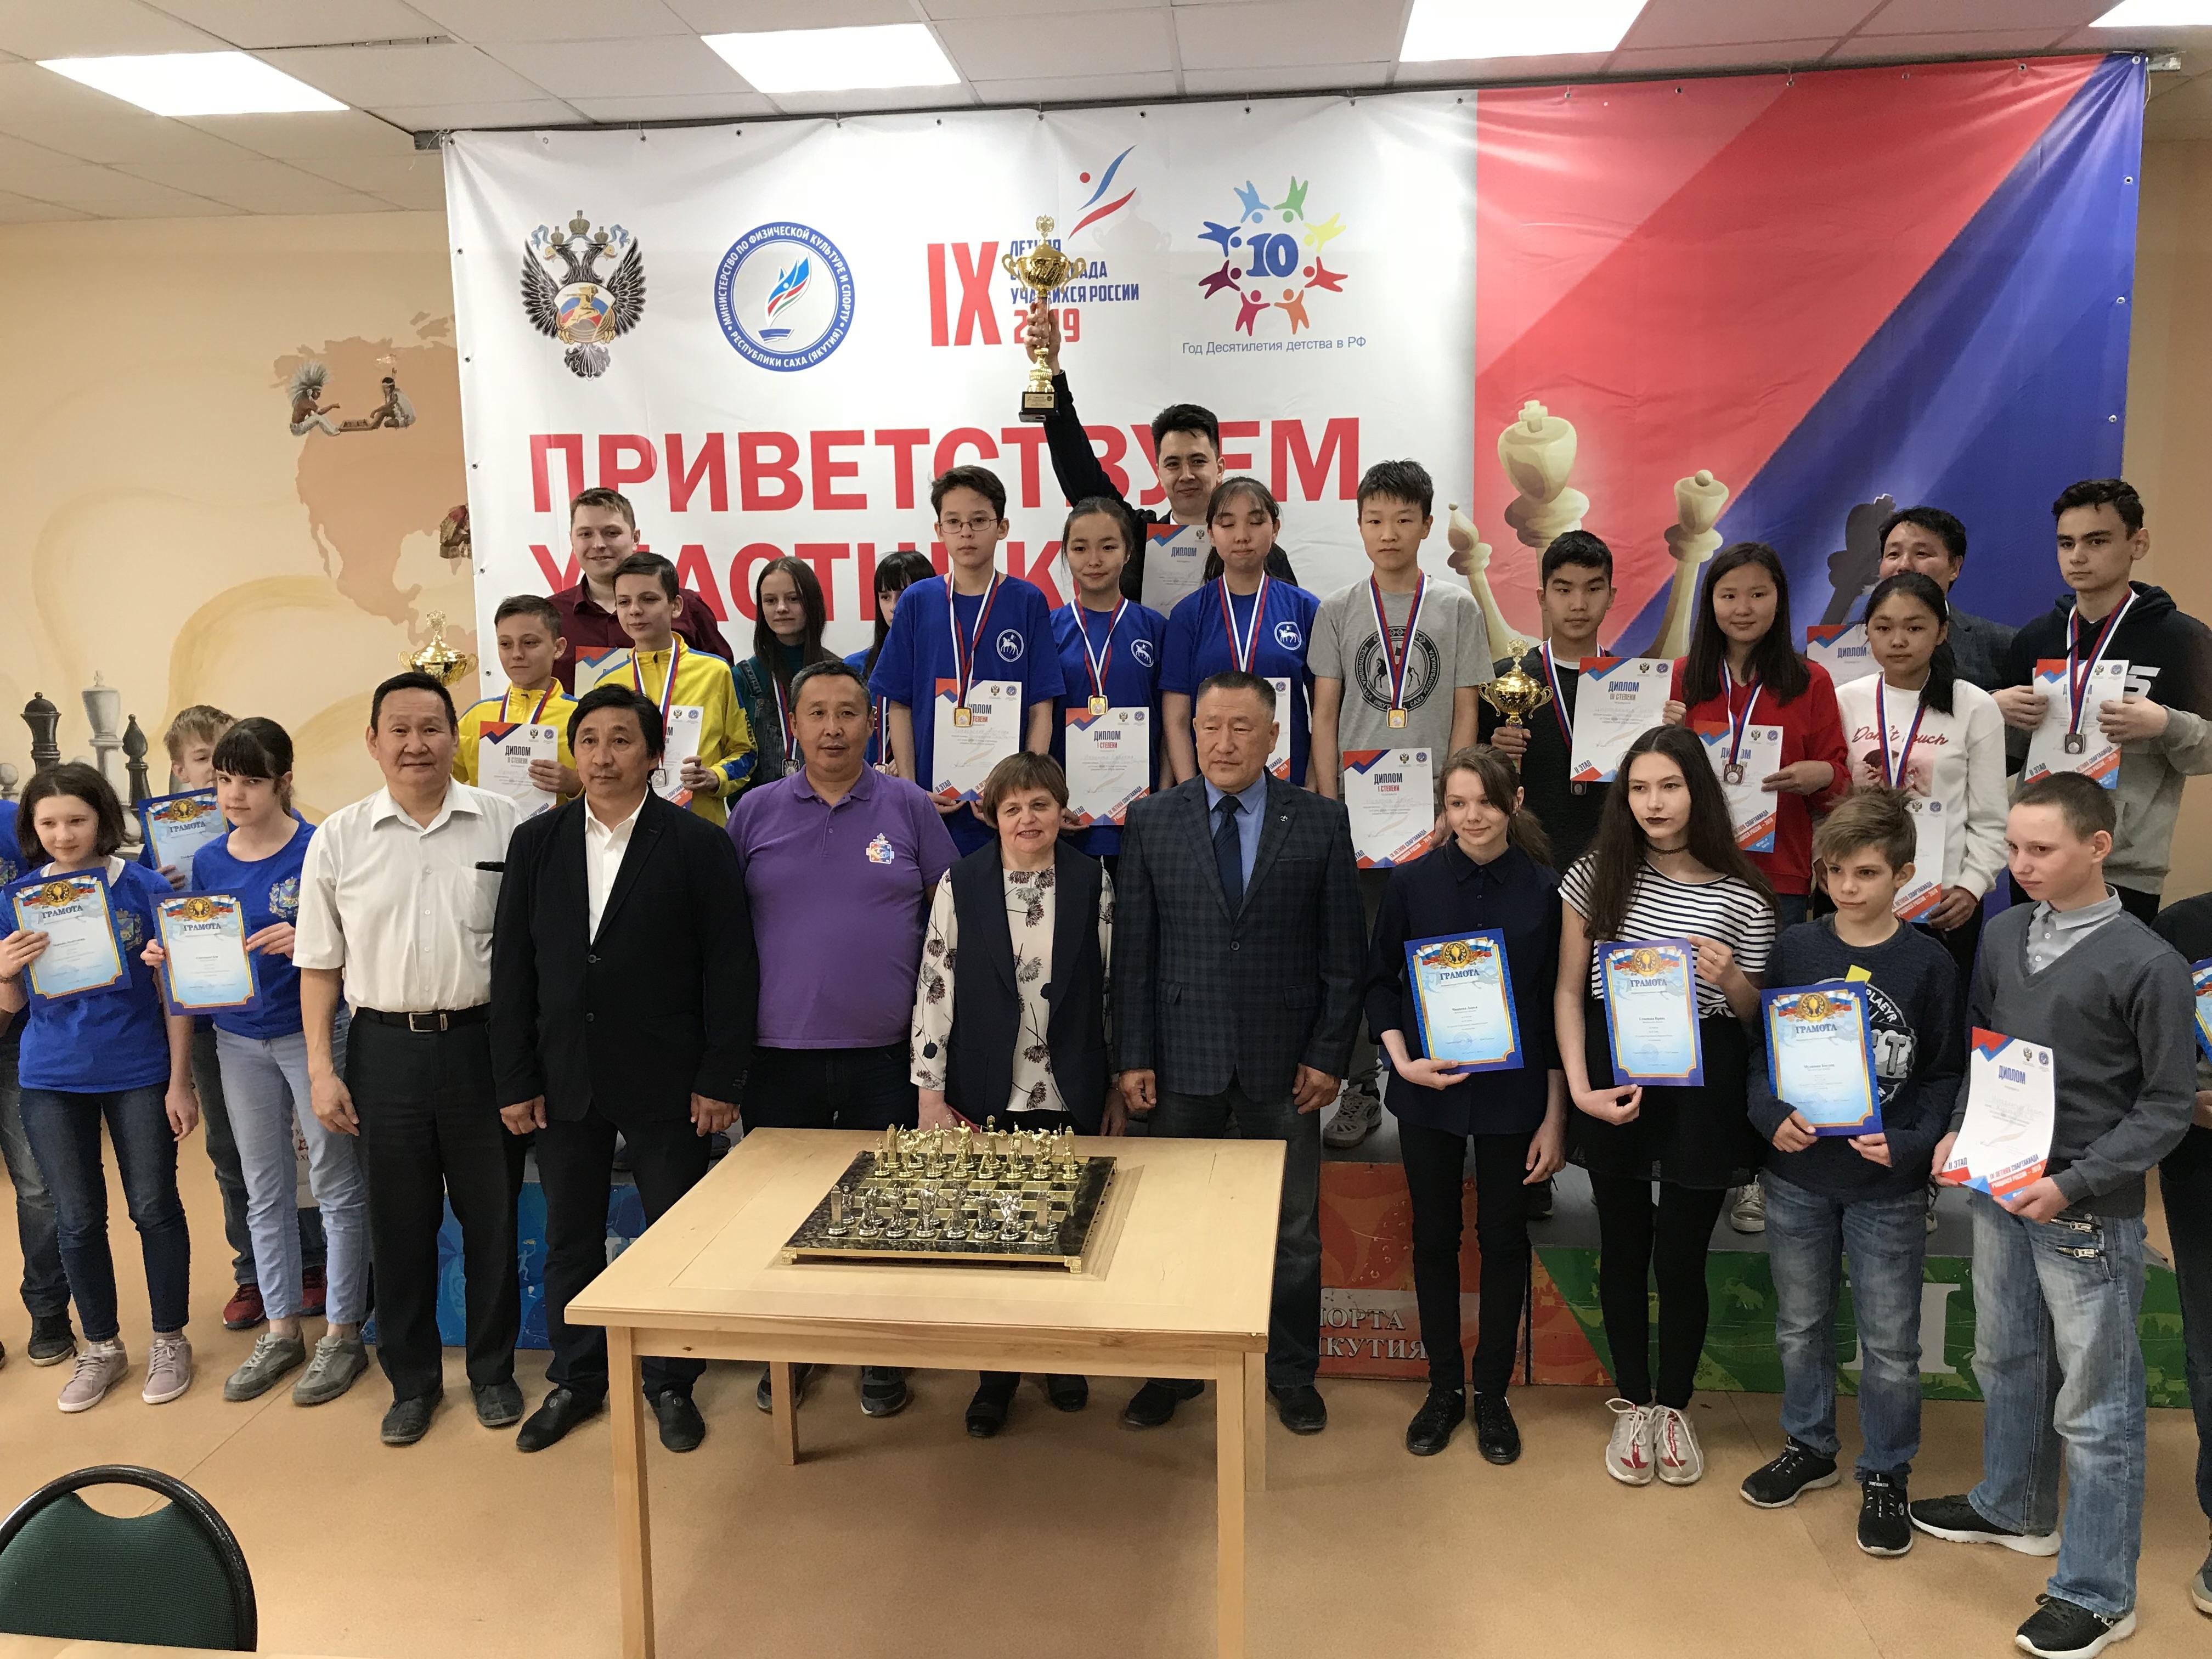 Якутяне одержали победу на втором этапе летней Спартакиады учащихся России по шахматам